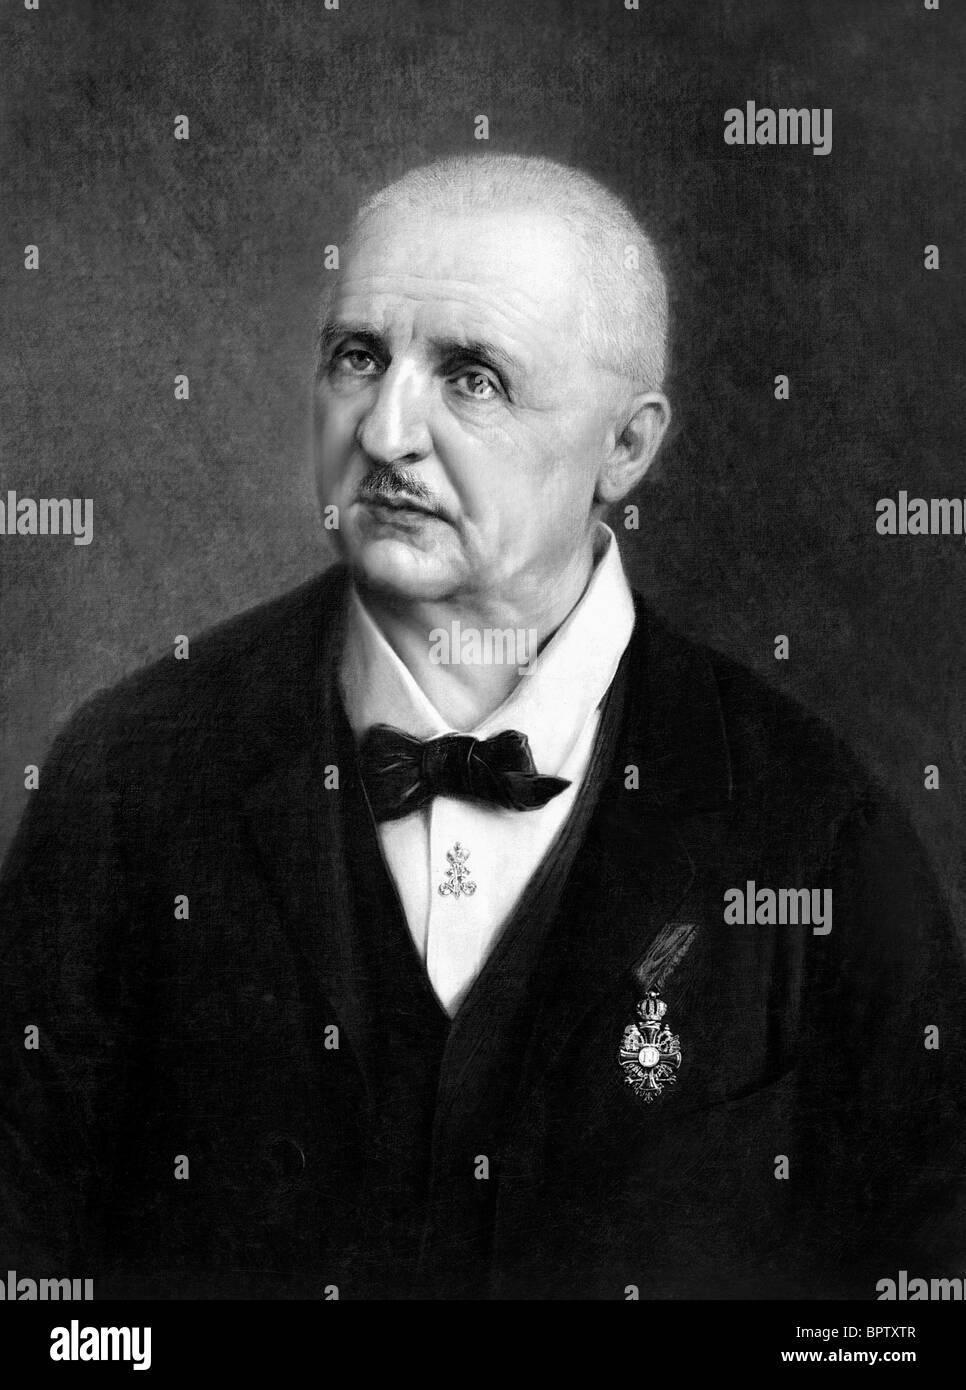 ANTON BRUCKNER MUSIC COMPOSER (1886) - Stock Image